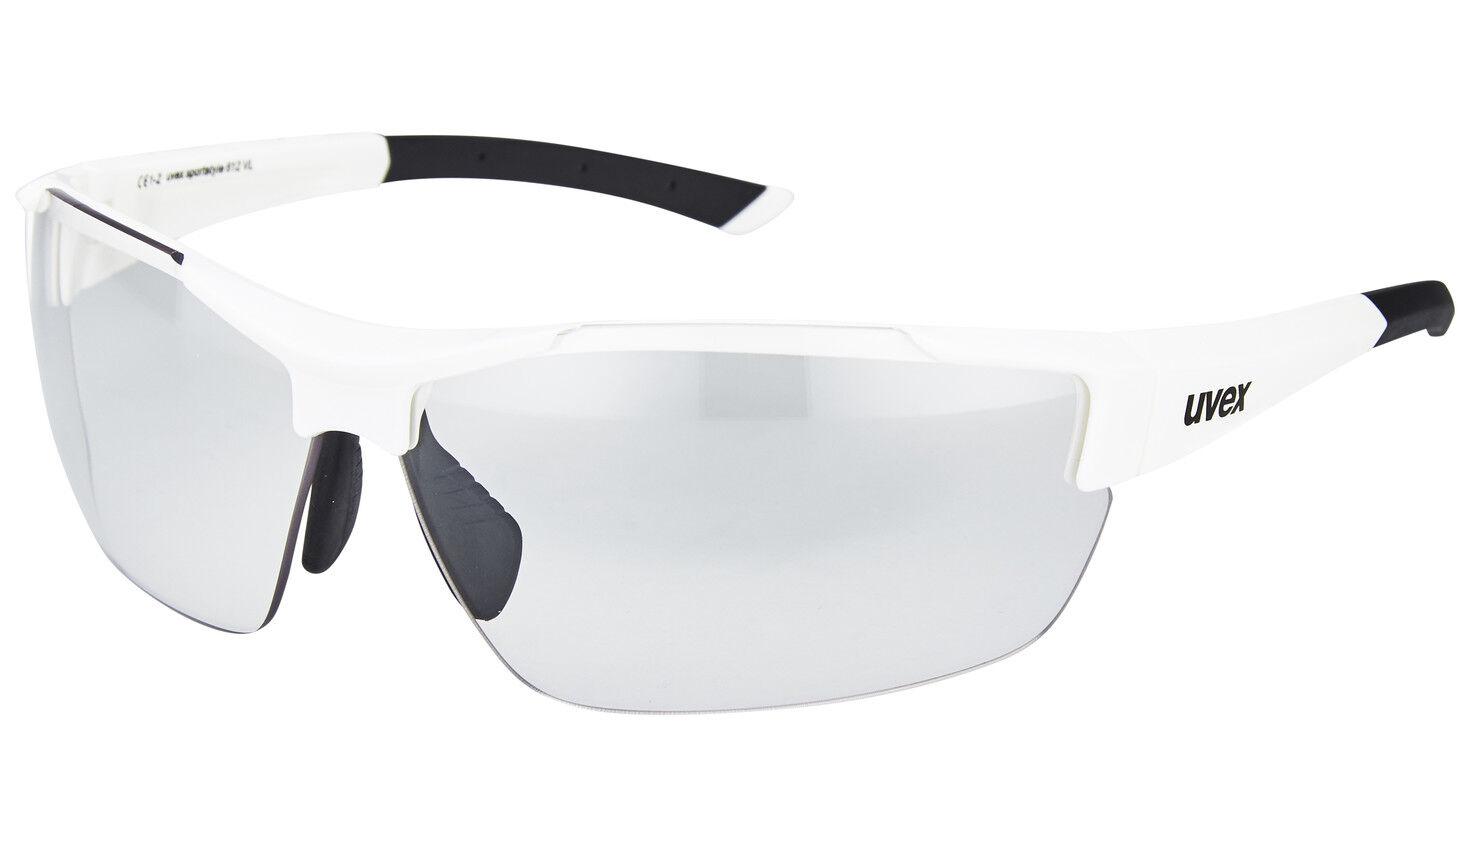 NEU  UVEX sportstyle 612 VL Sonnen Brille Weiß Weiß Weiß selbsttönend  89,95 EUR 595161